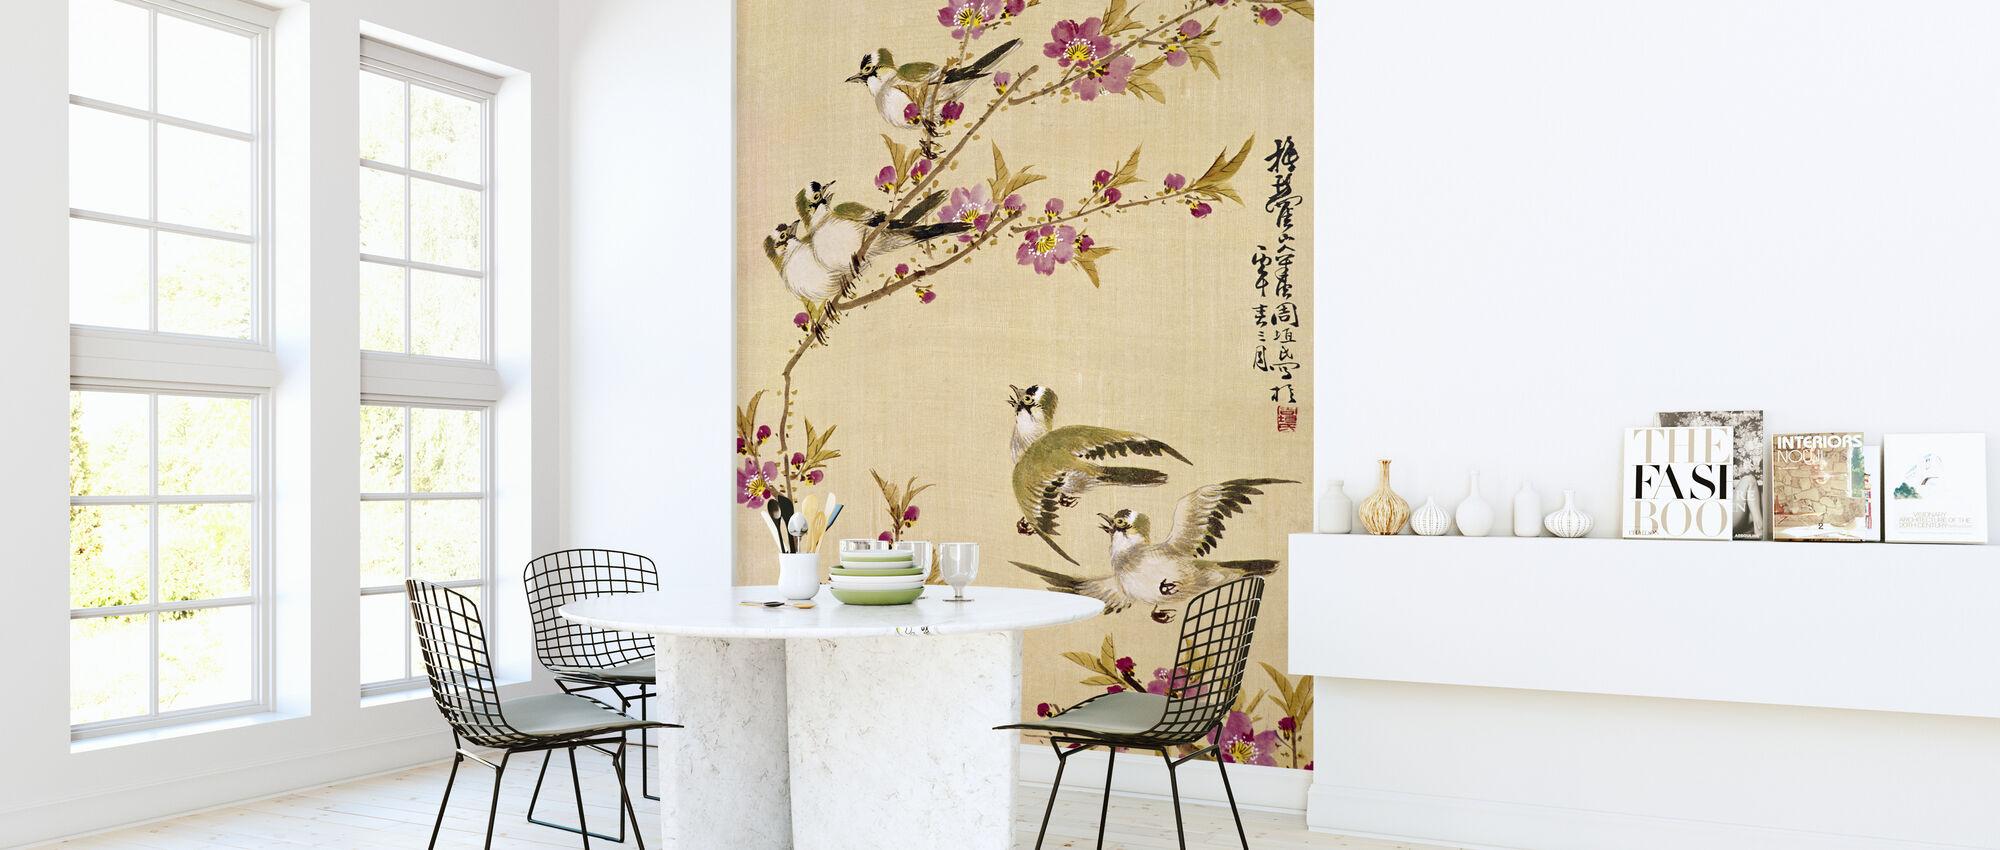 Vijf vogels met roze bloesems - Behang - Keuken